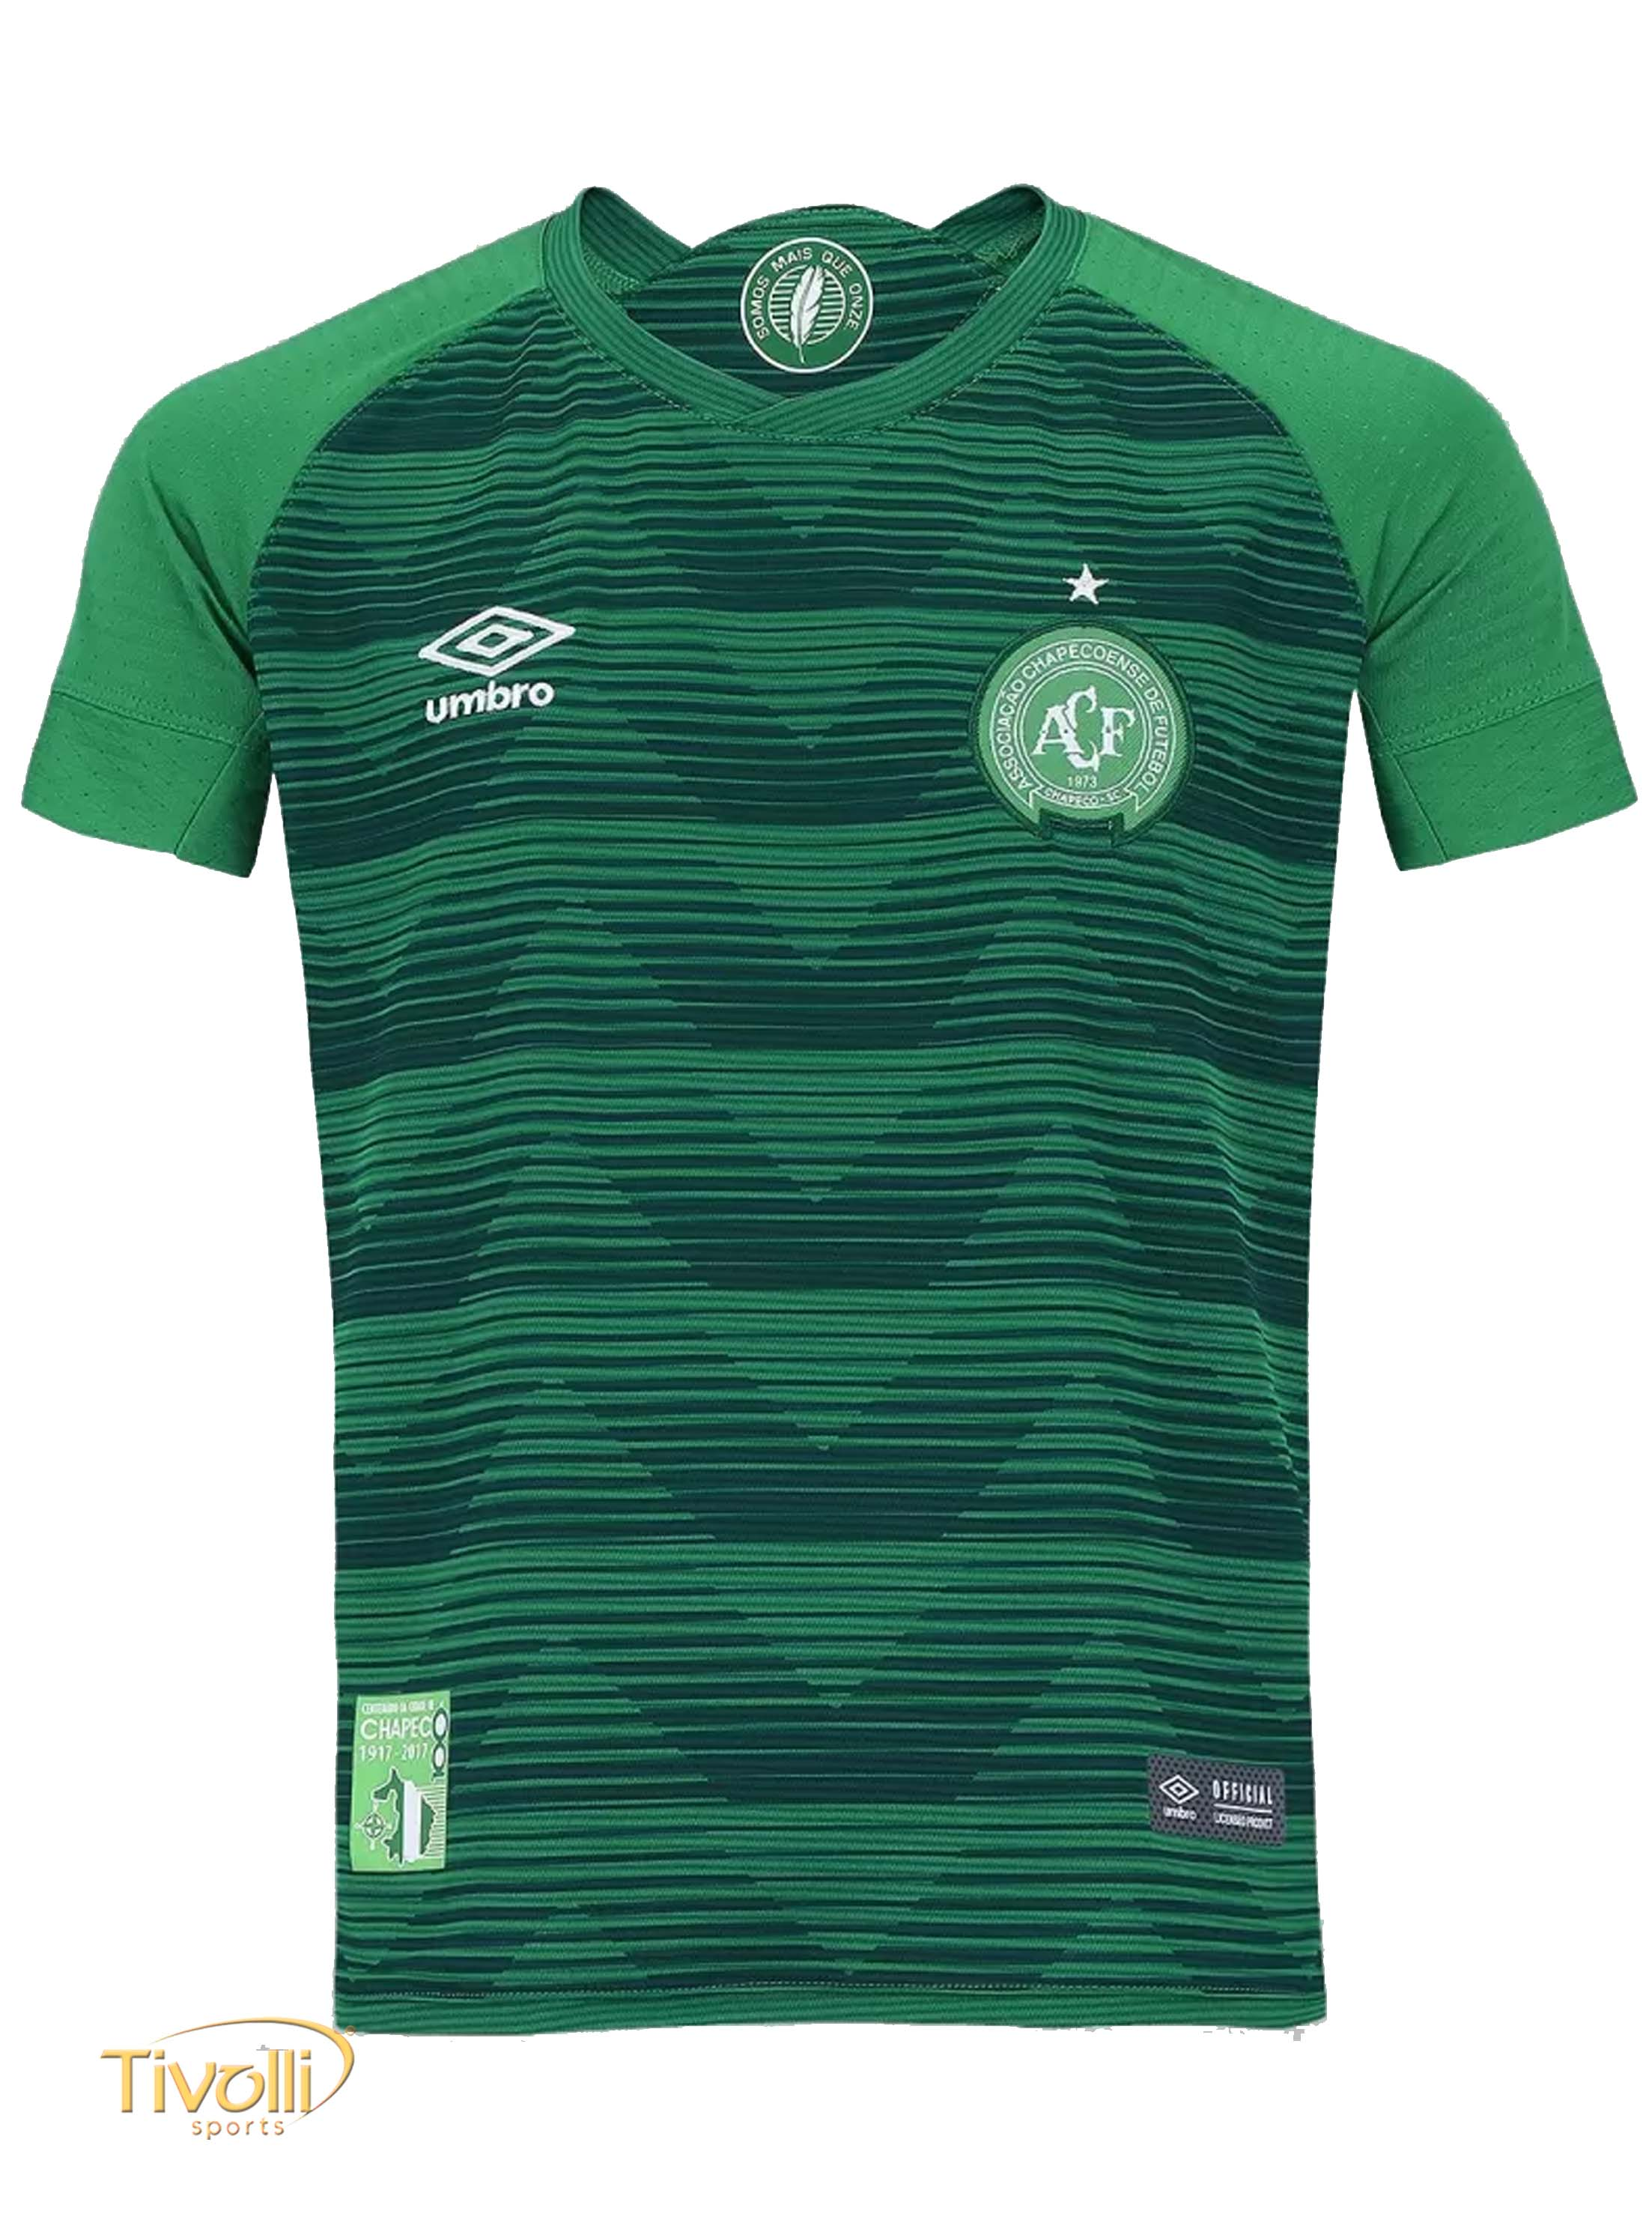 Camisa Chapecoense I Home 2017 2018 Umbro Infantil a81bd99122858